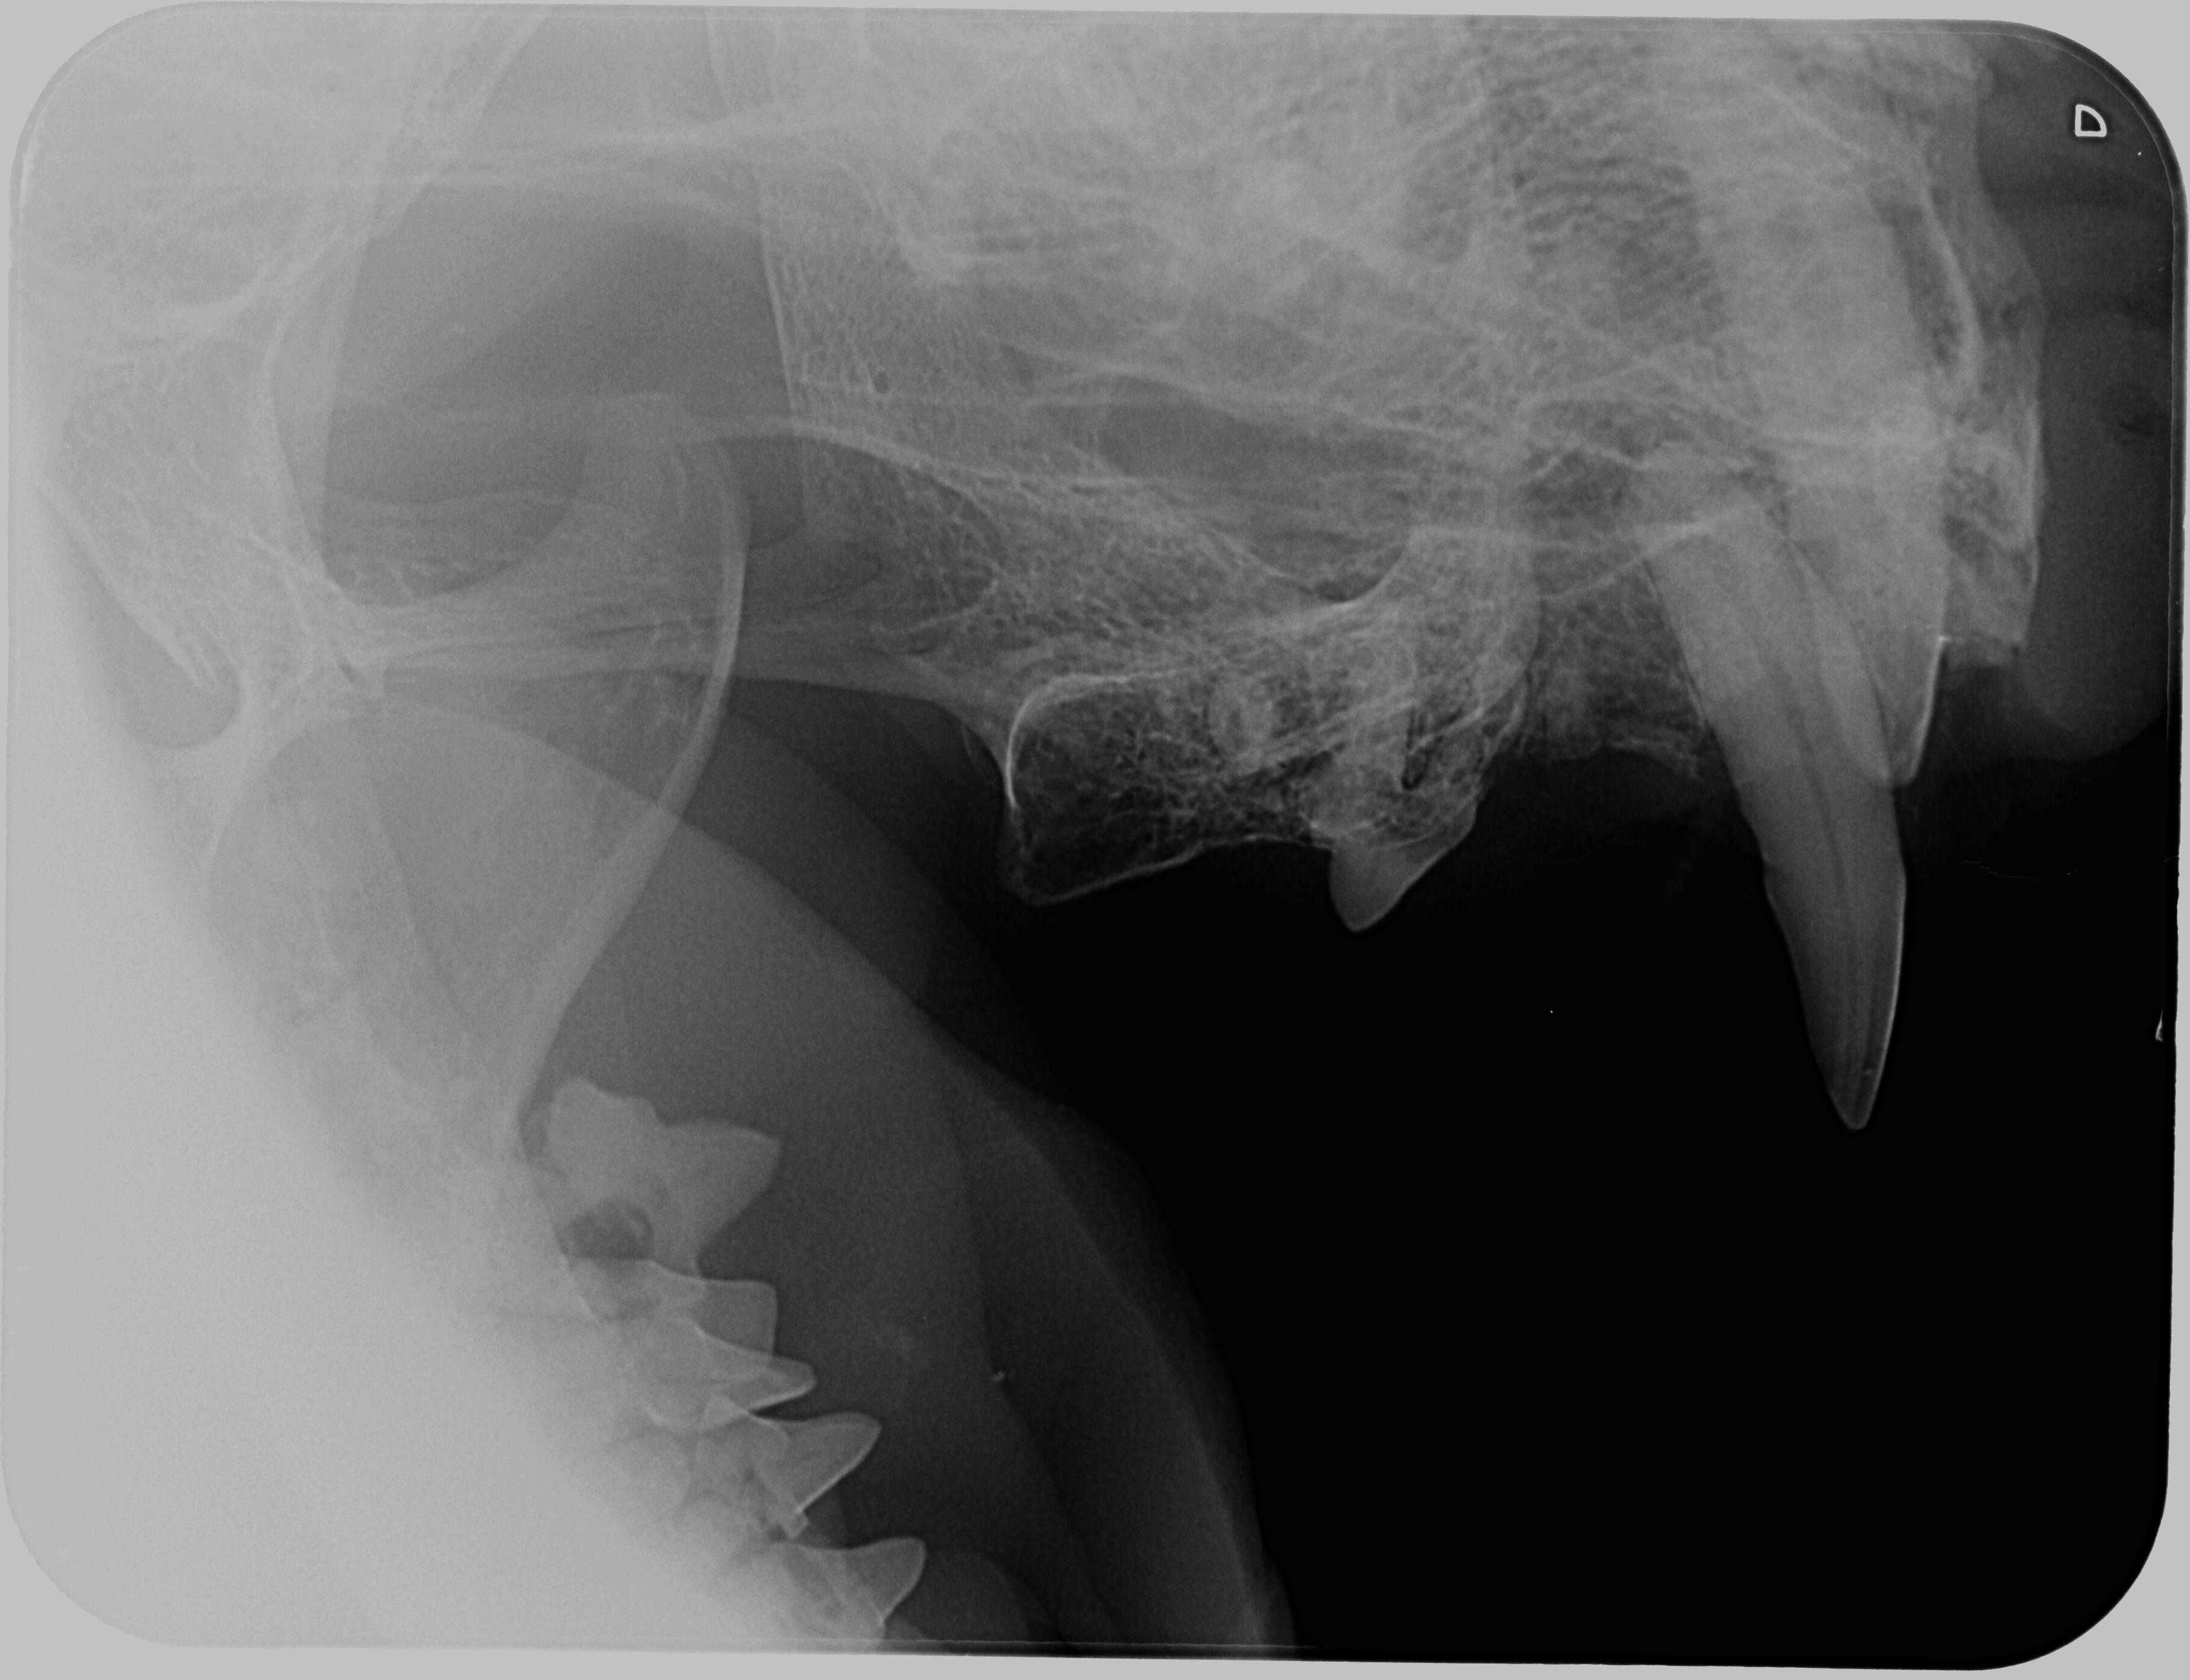 intraorální snímek levé horní čelisti se zbytky kořenů